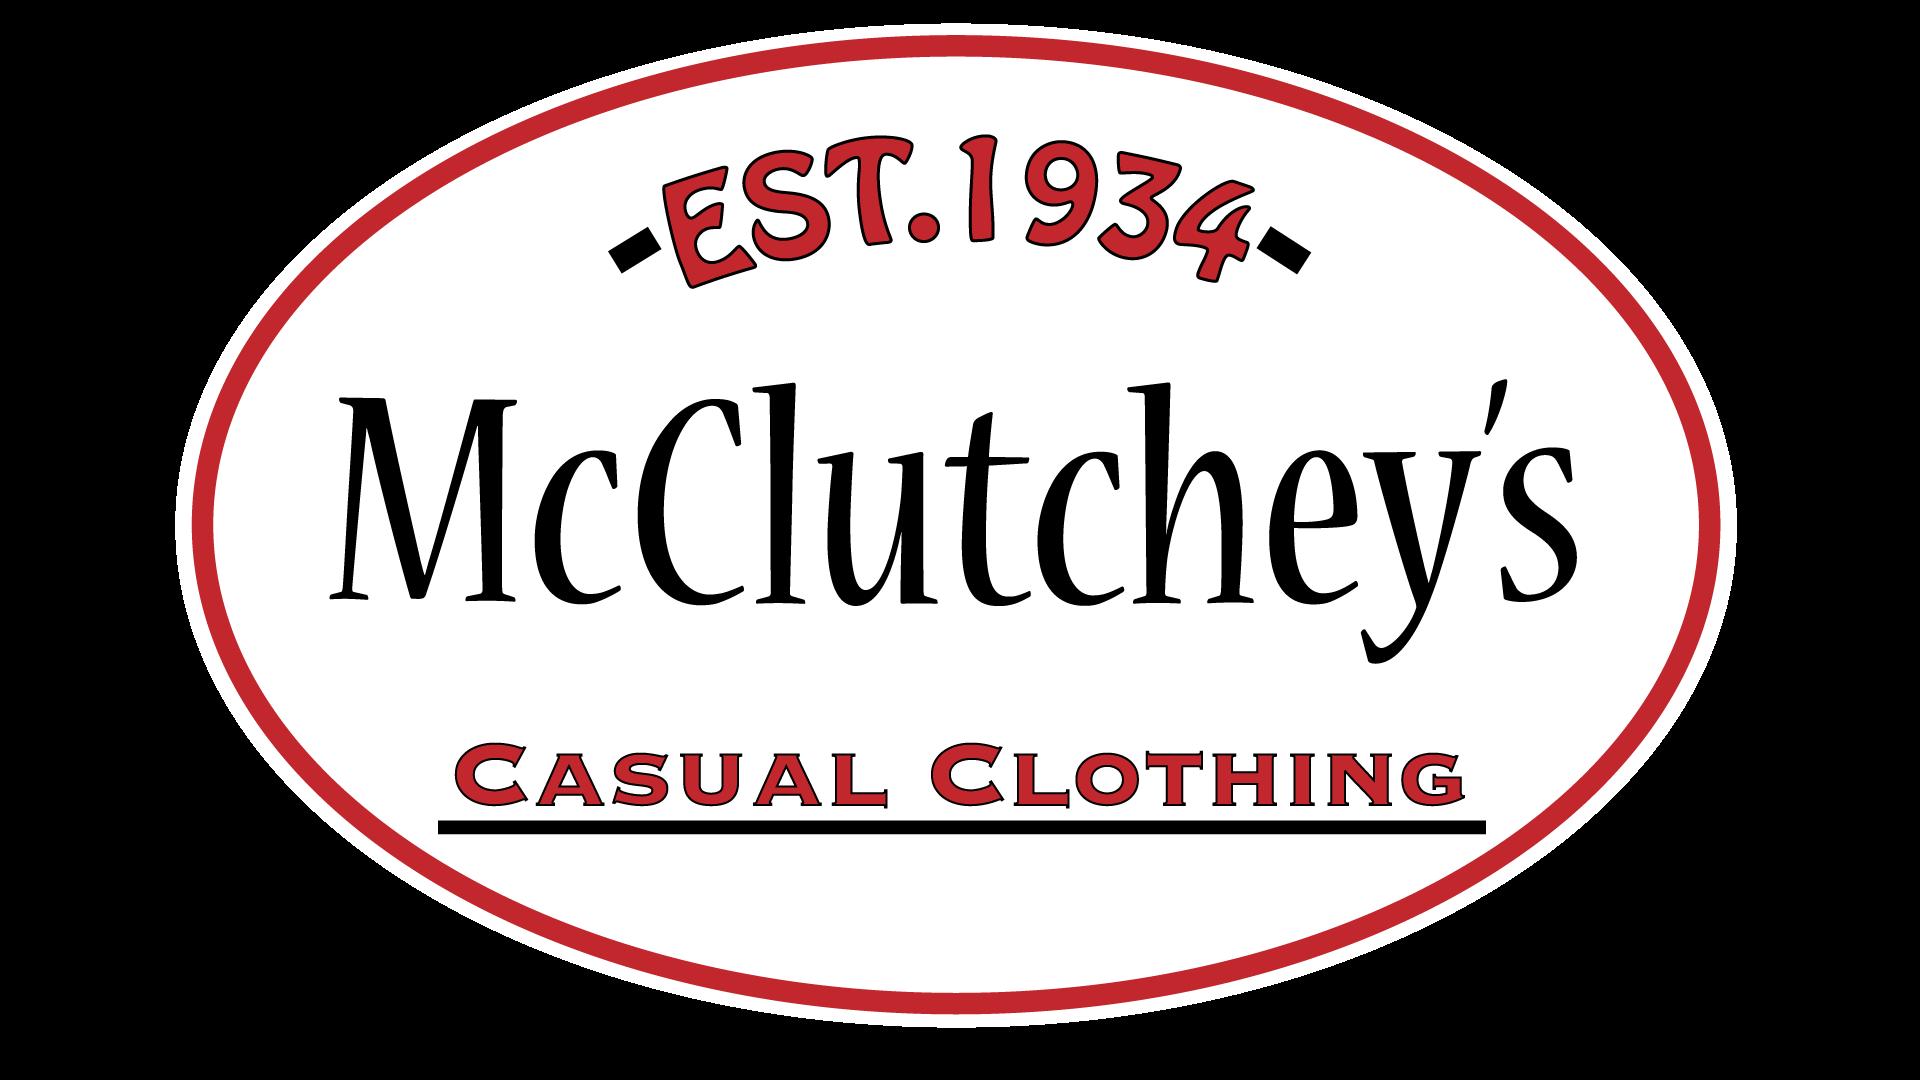 mcclutcheys.com